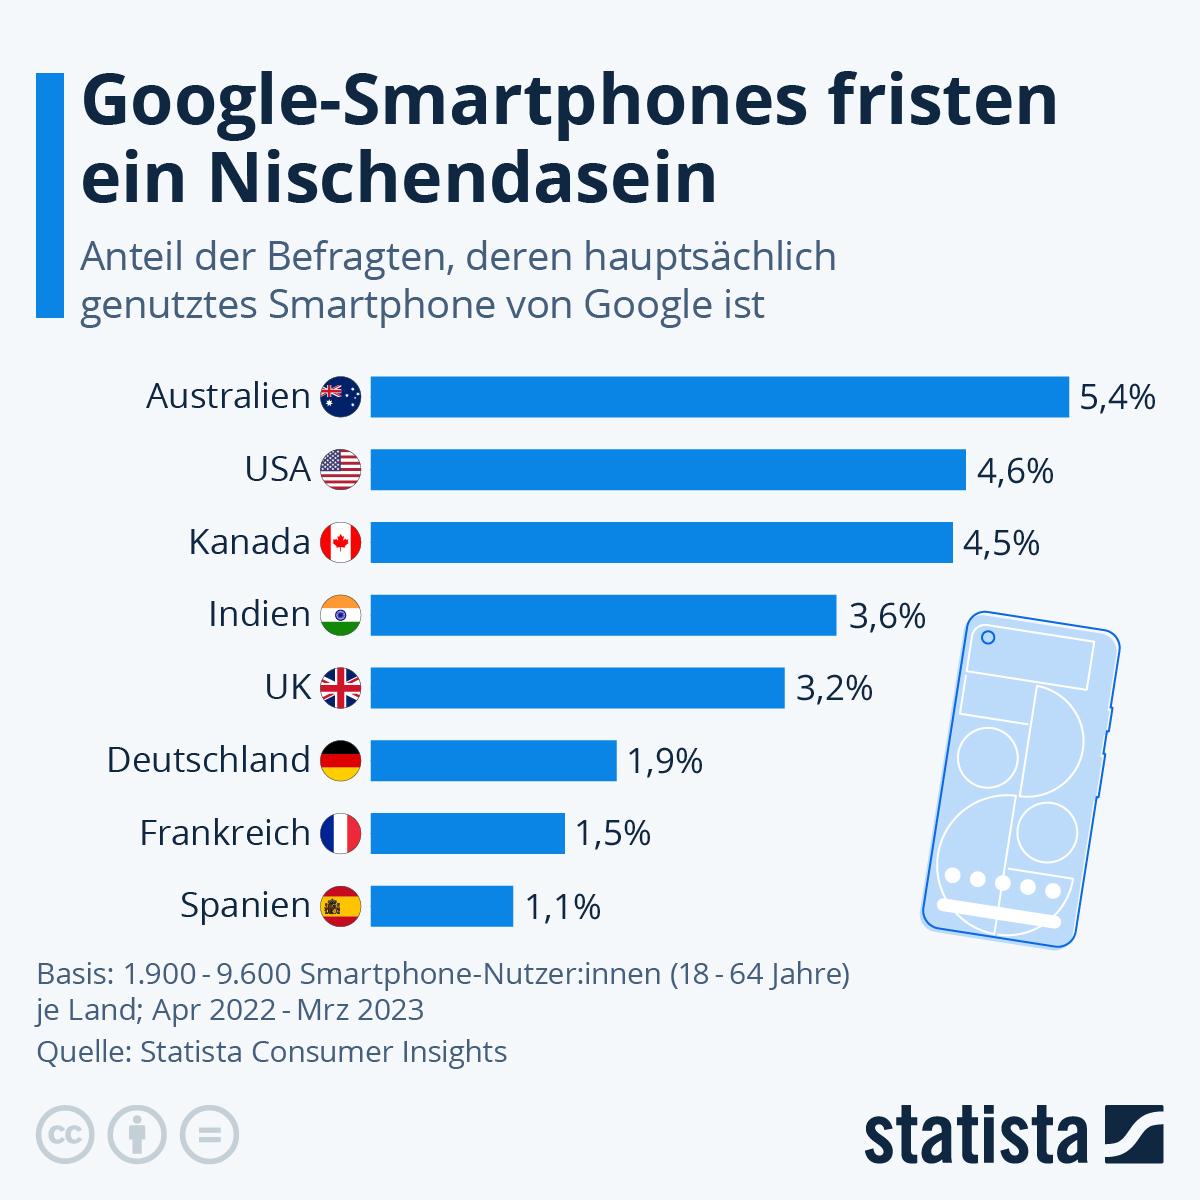 Infografik: Google spielt keine Rolle auf dem Smartphone-Markt   Statista